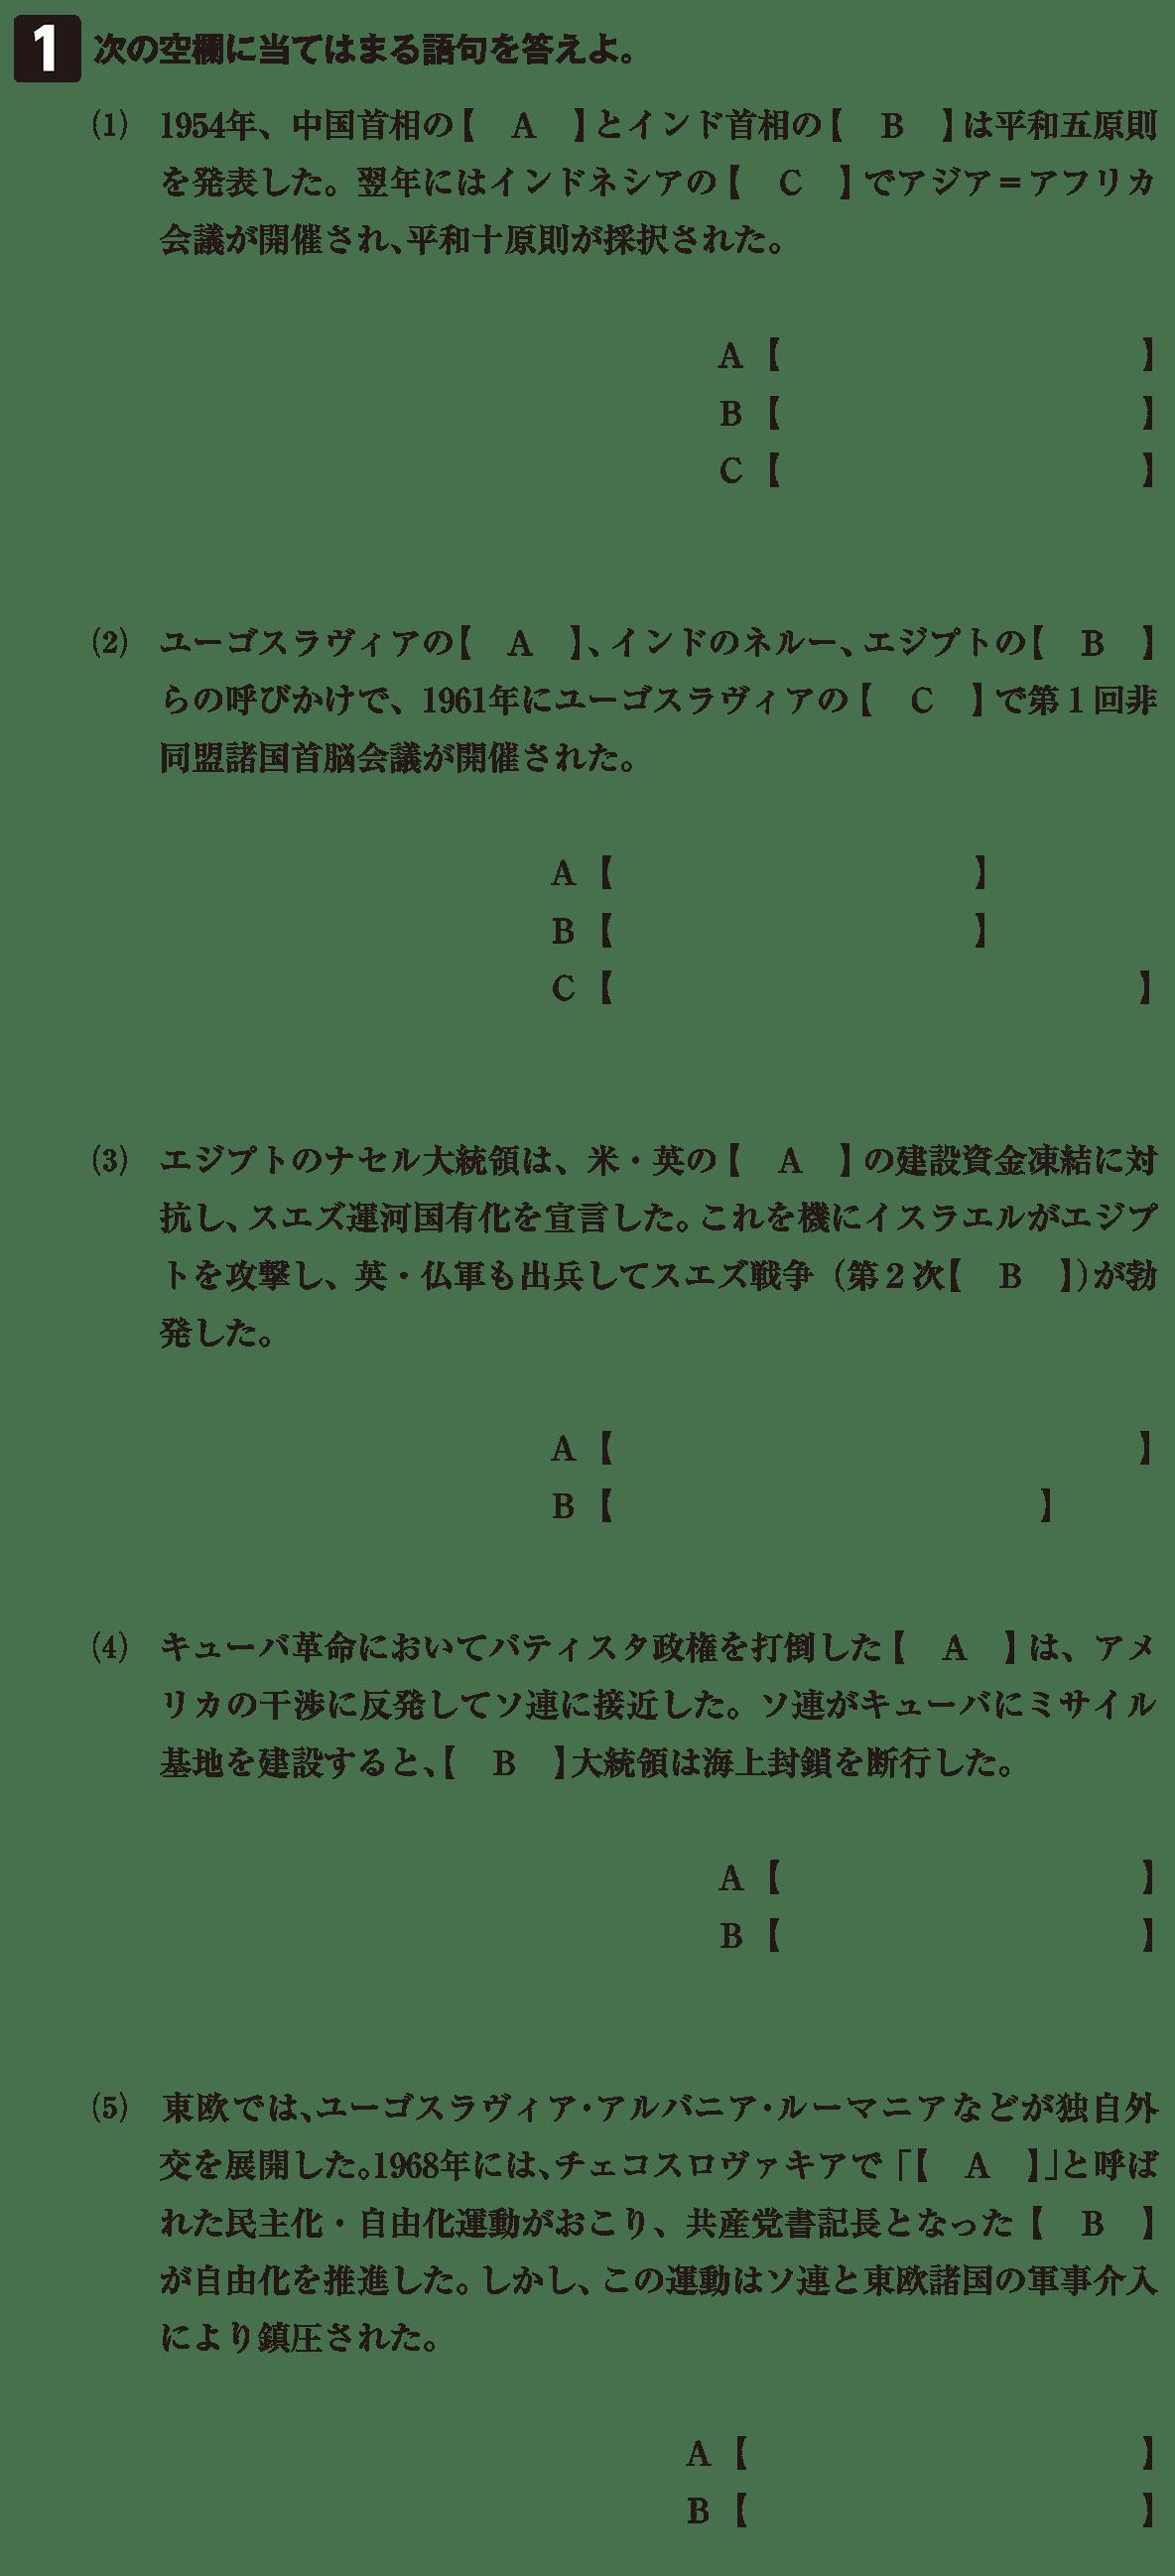 第三勢力の台頭と米ソの歩み寄り6 確認テスト(前半)